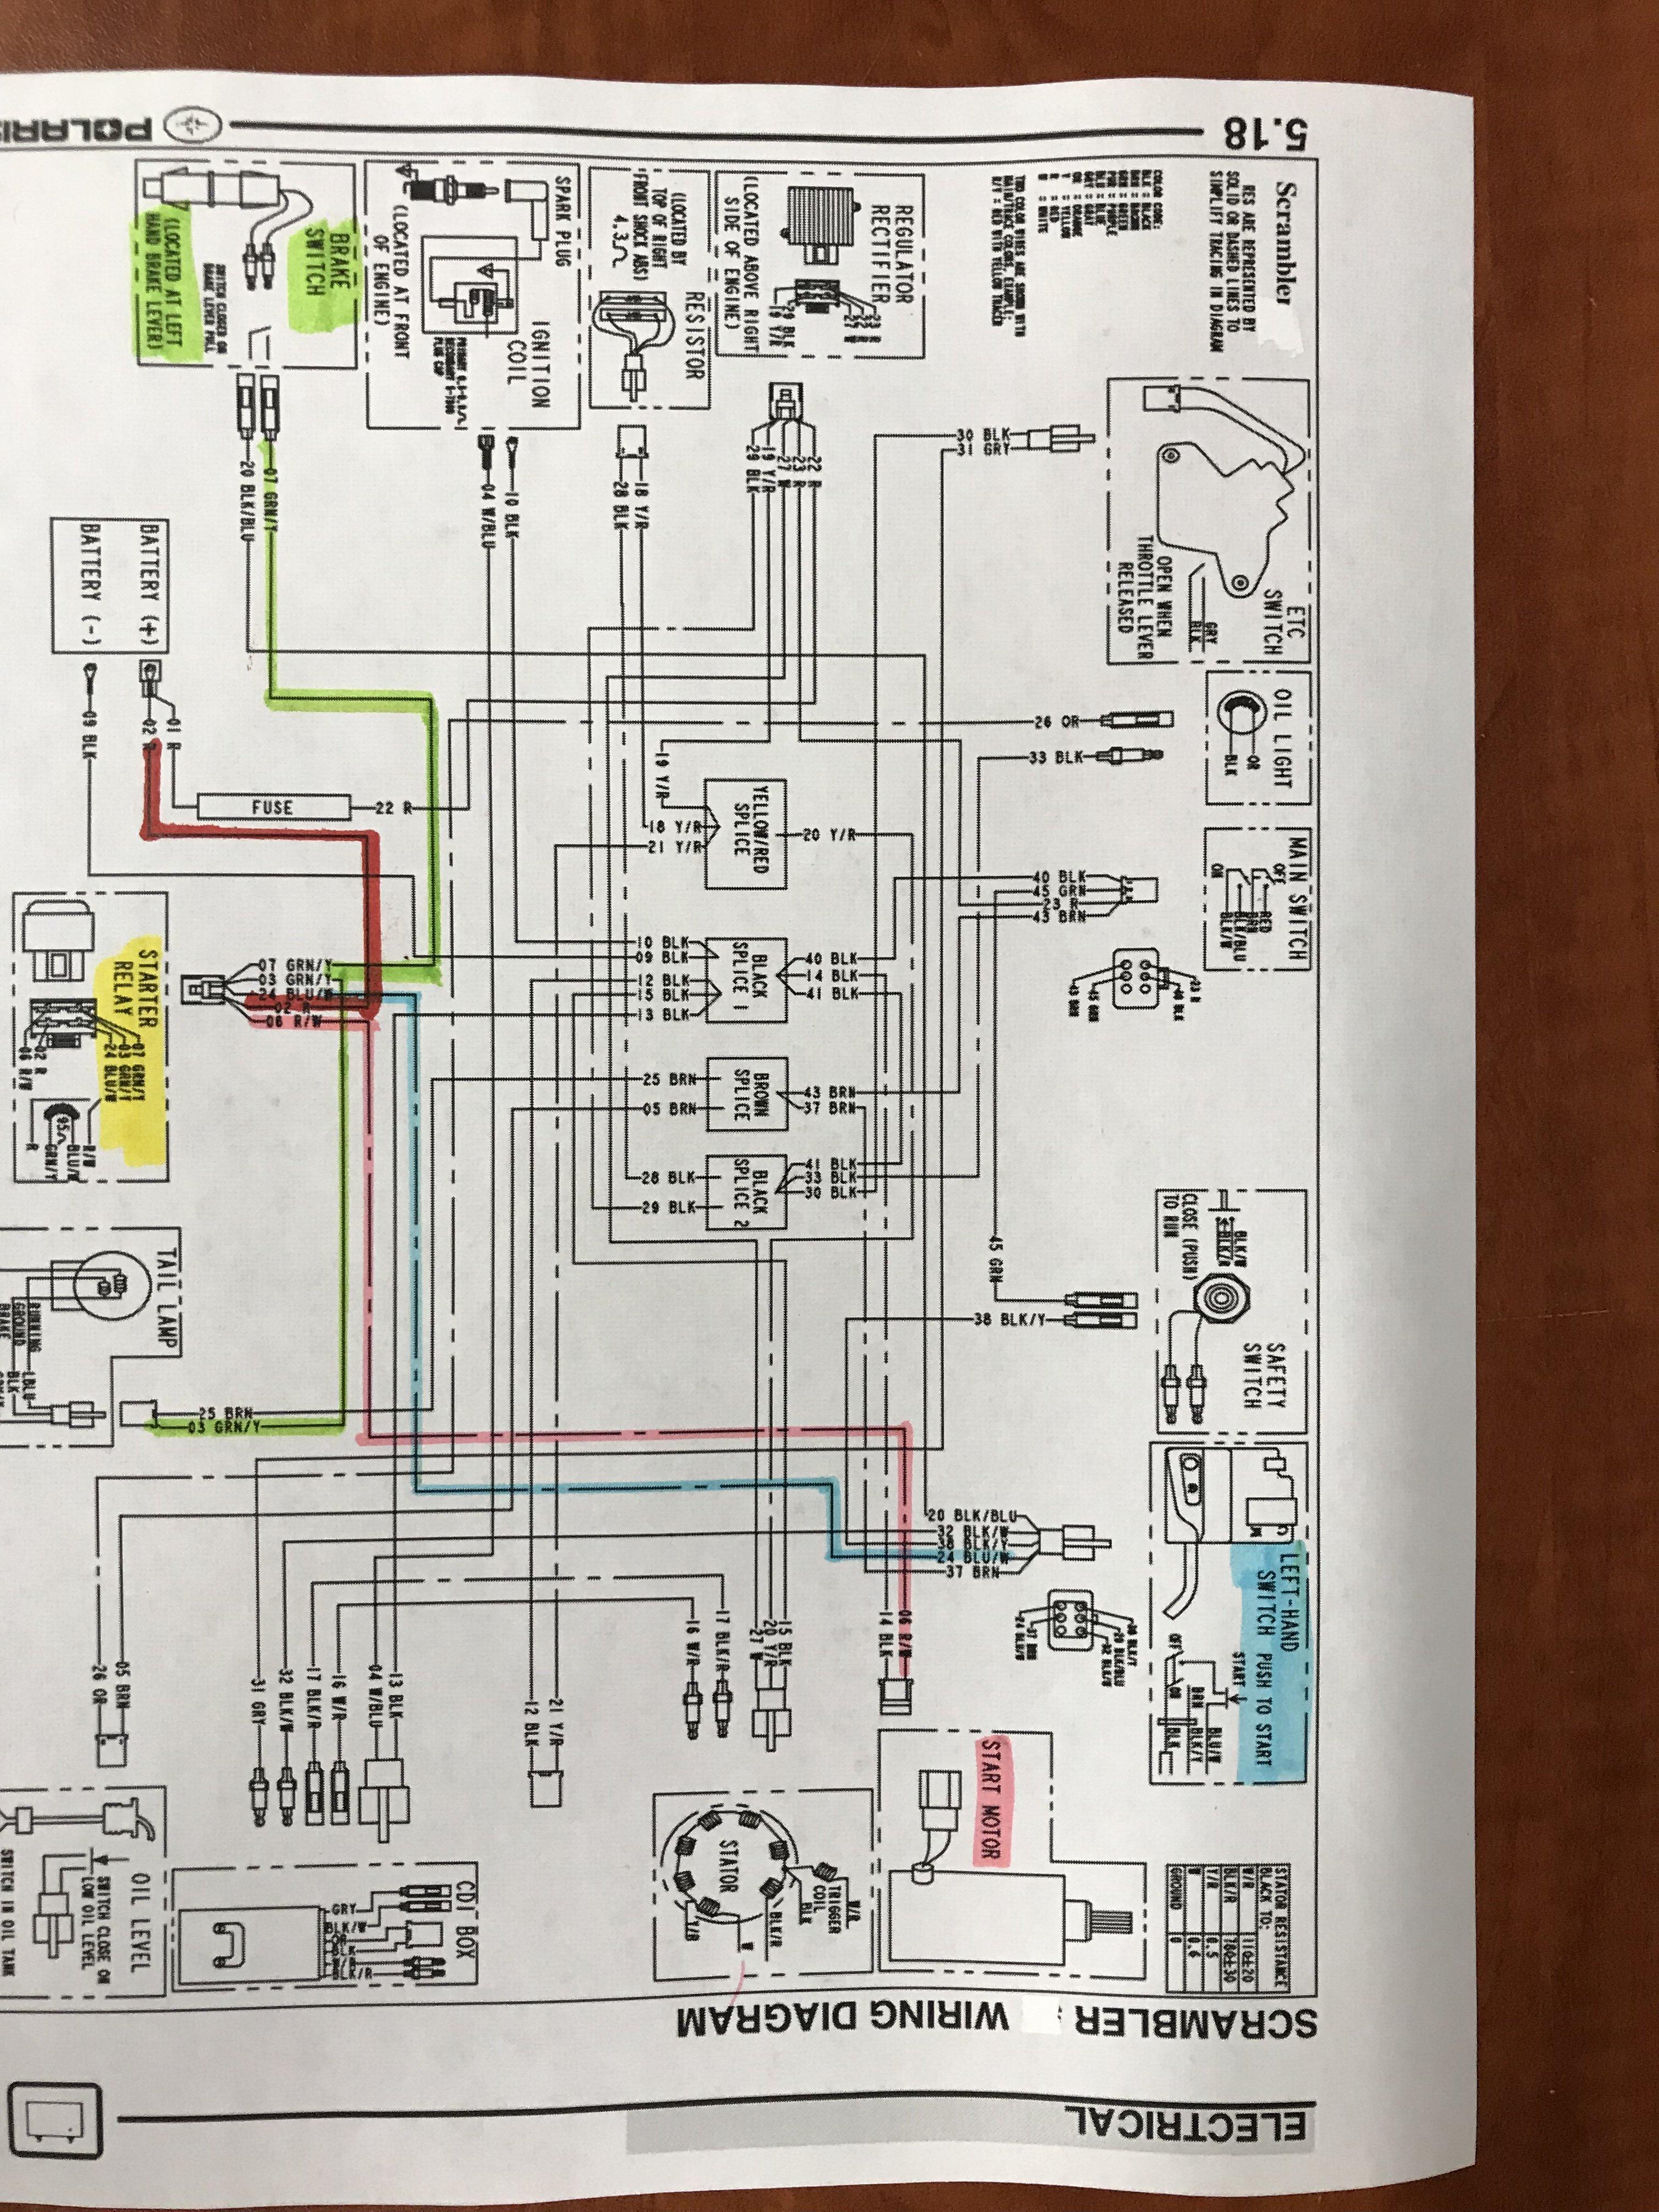 Wiring For My 2002 Polaris Scrambler 90